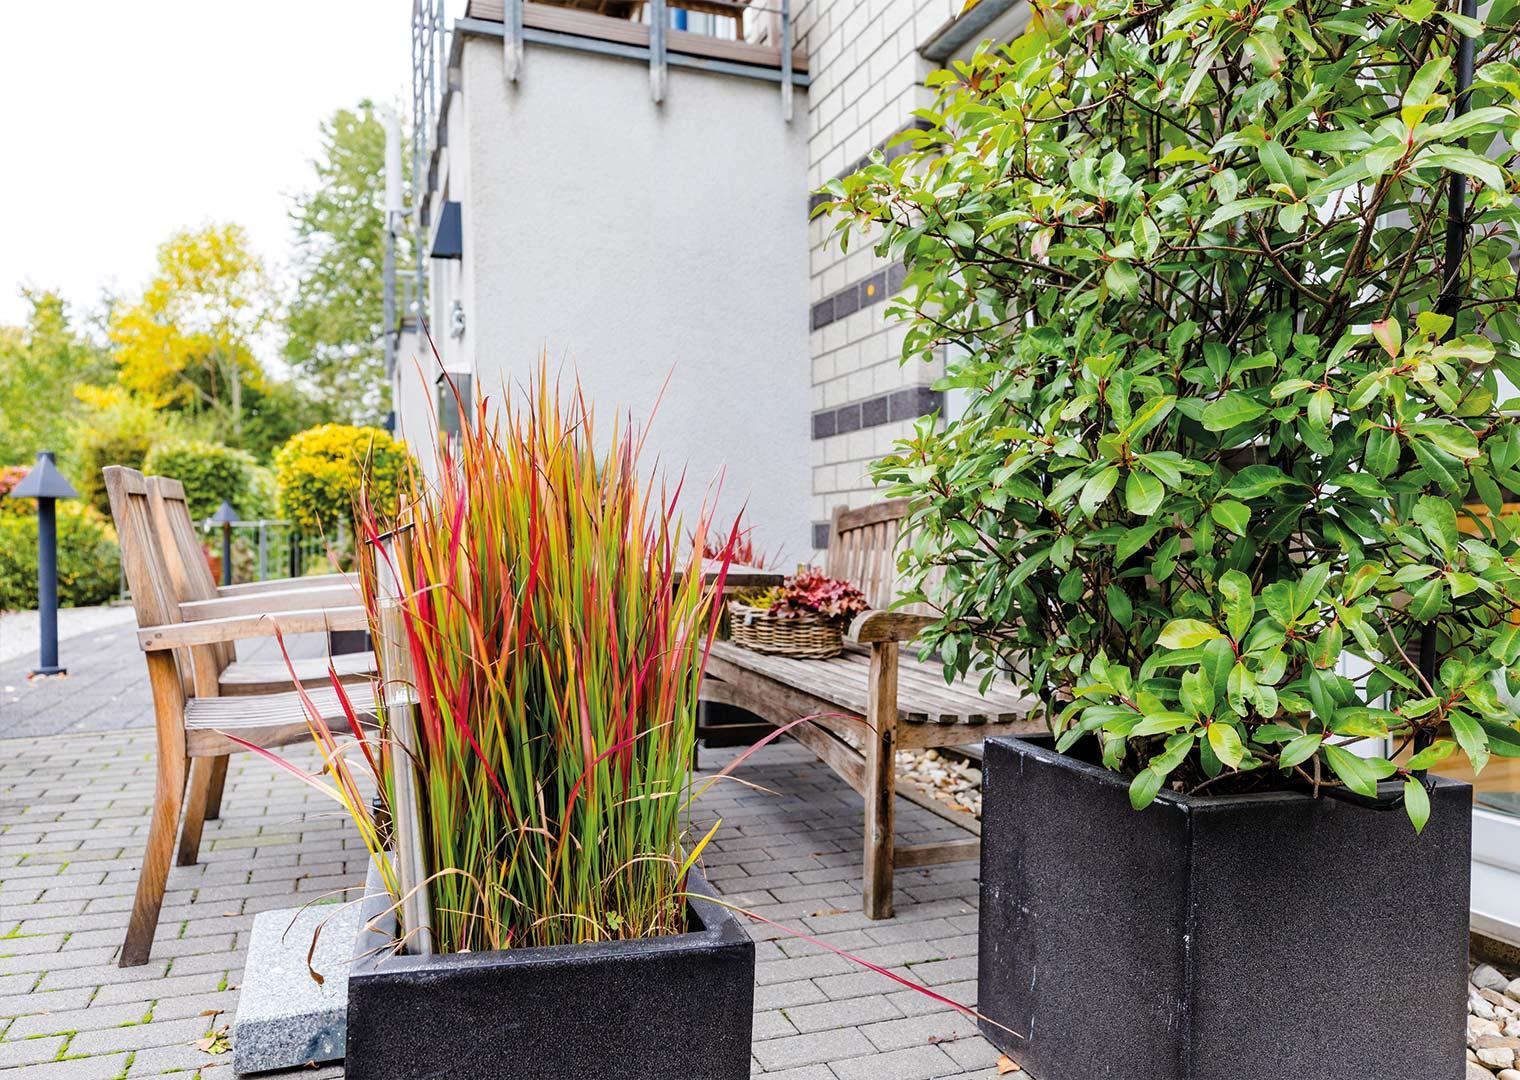 Link zur Bilddatei: menke_galabau_bochum_galeriebild_terrassen_verweilorte_bank